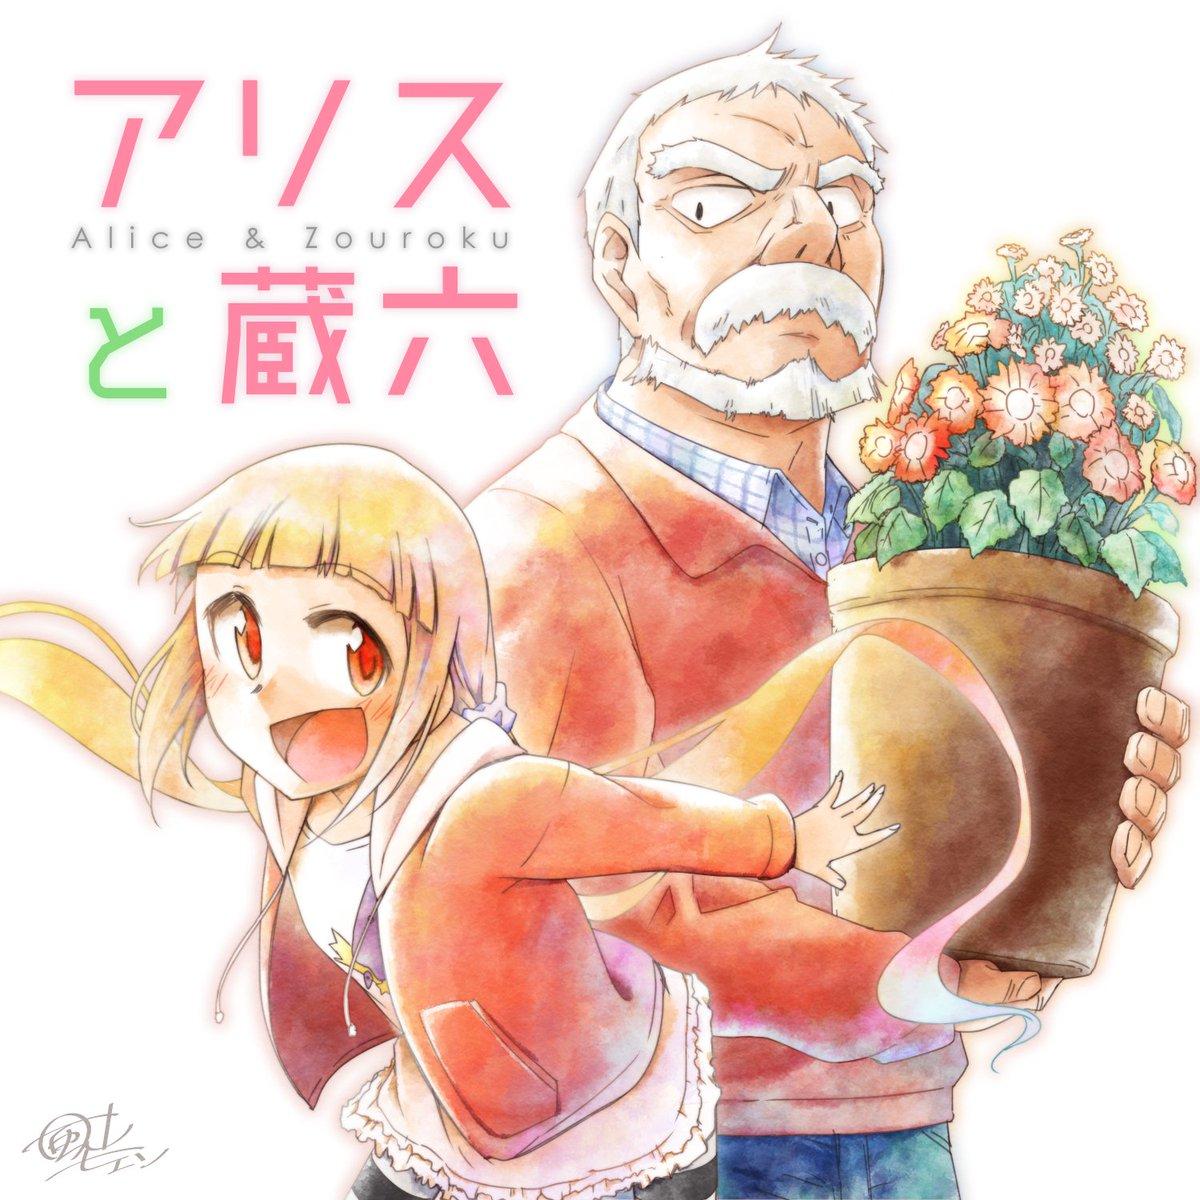 アリスと蔵六、完成!以前やってたニコ生アニメ一挙放送で見て、すんごい面白くて可愛くて思わず描きたくなりました^^ 蔵六じ